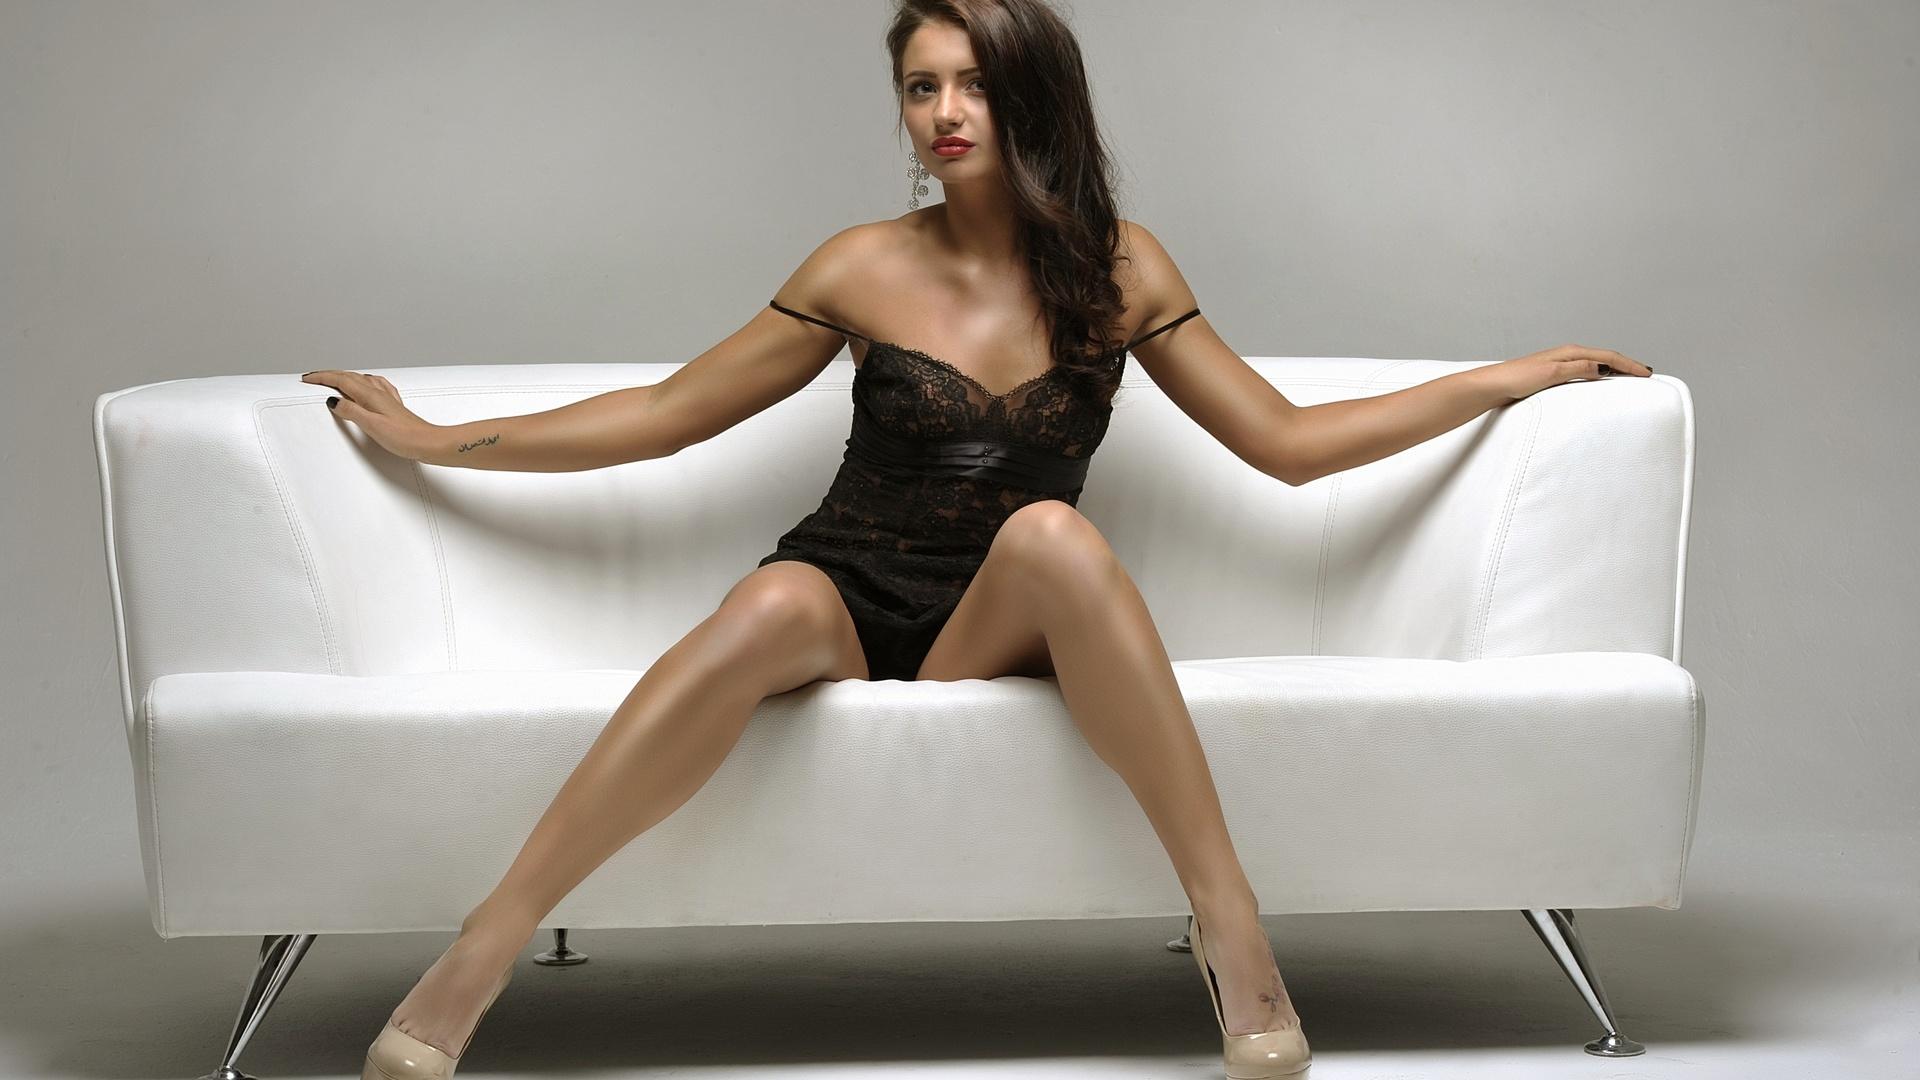 Широко раздвигает ножки гладит киску, Широко раздвинула ноги соло - видео 29 фотография